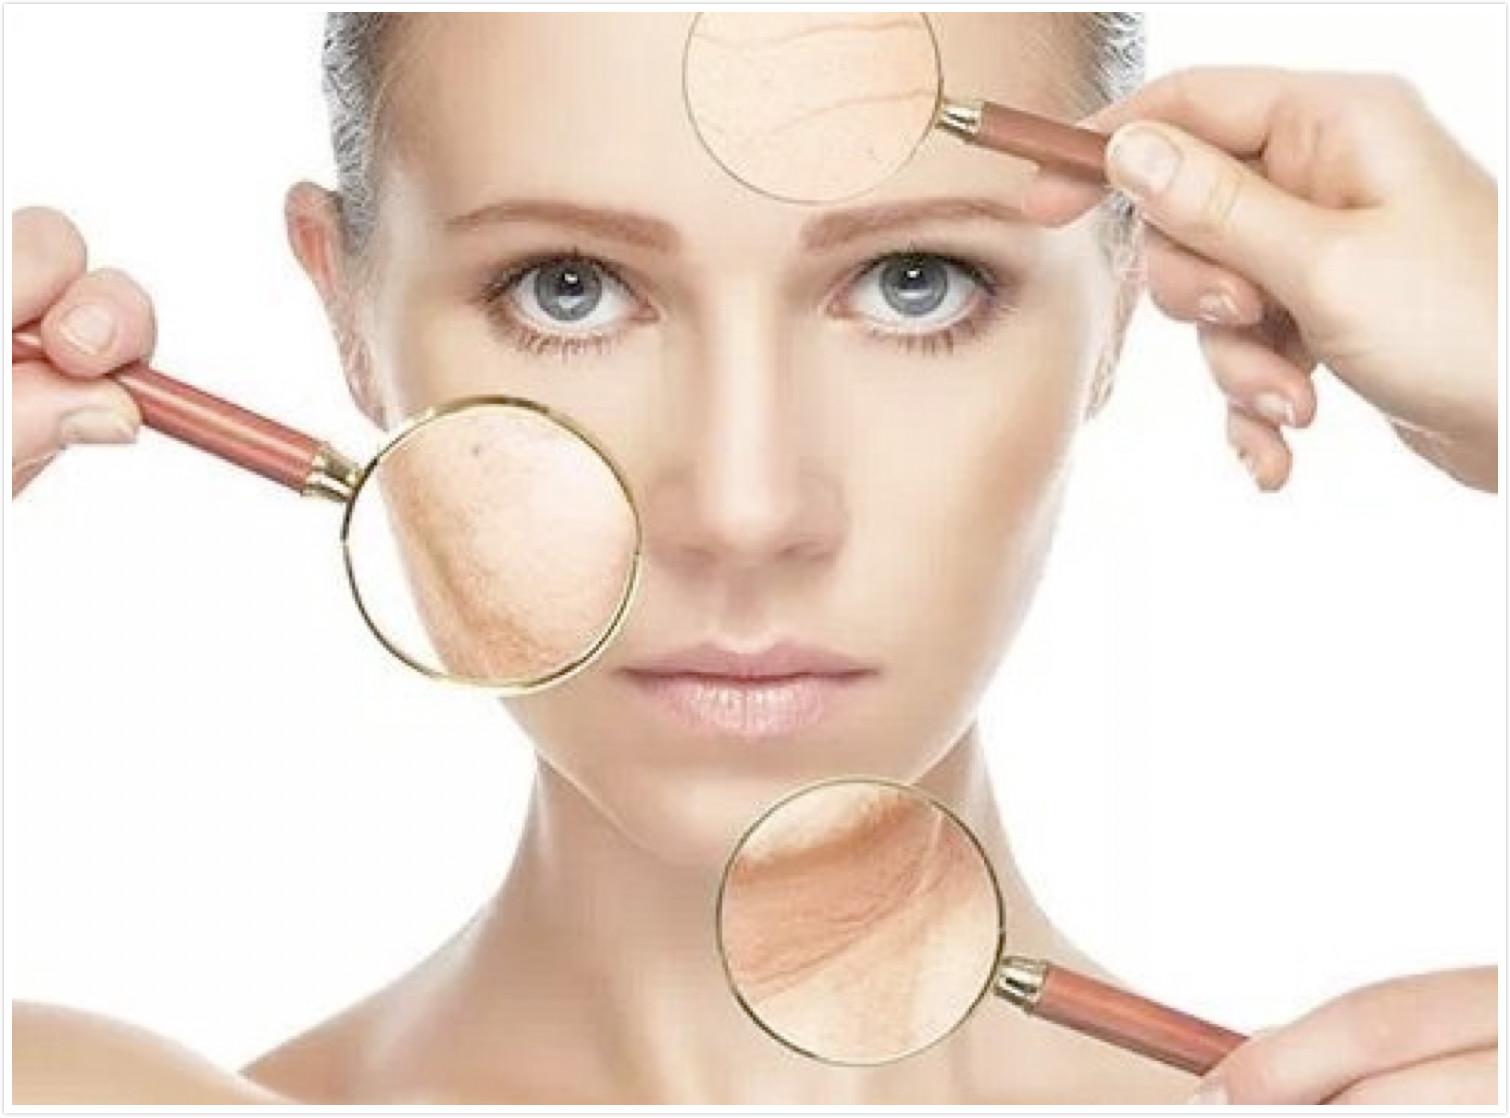 女性脸上易患白癜风的原因?